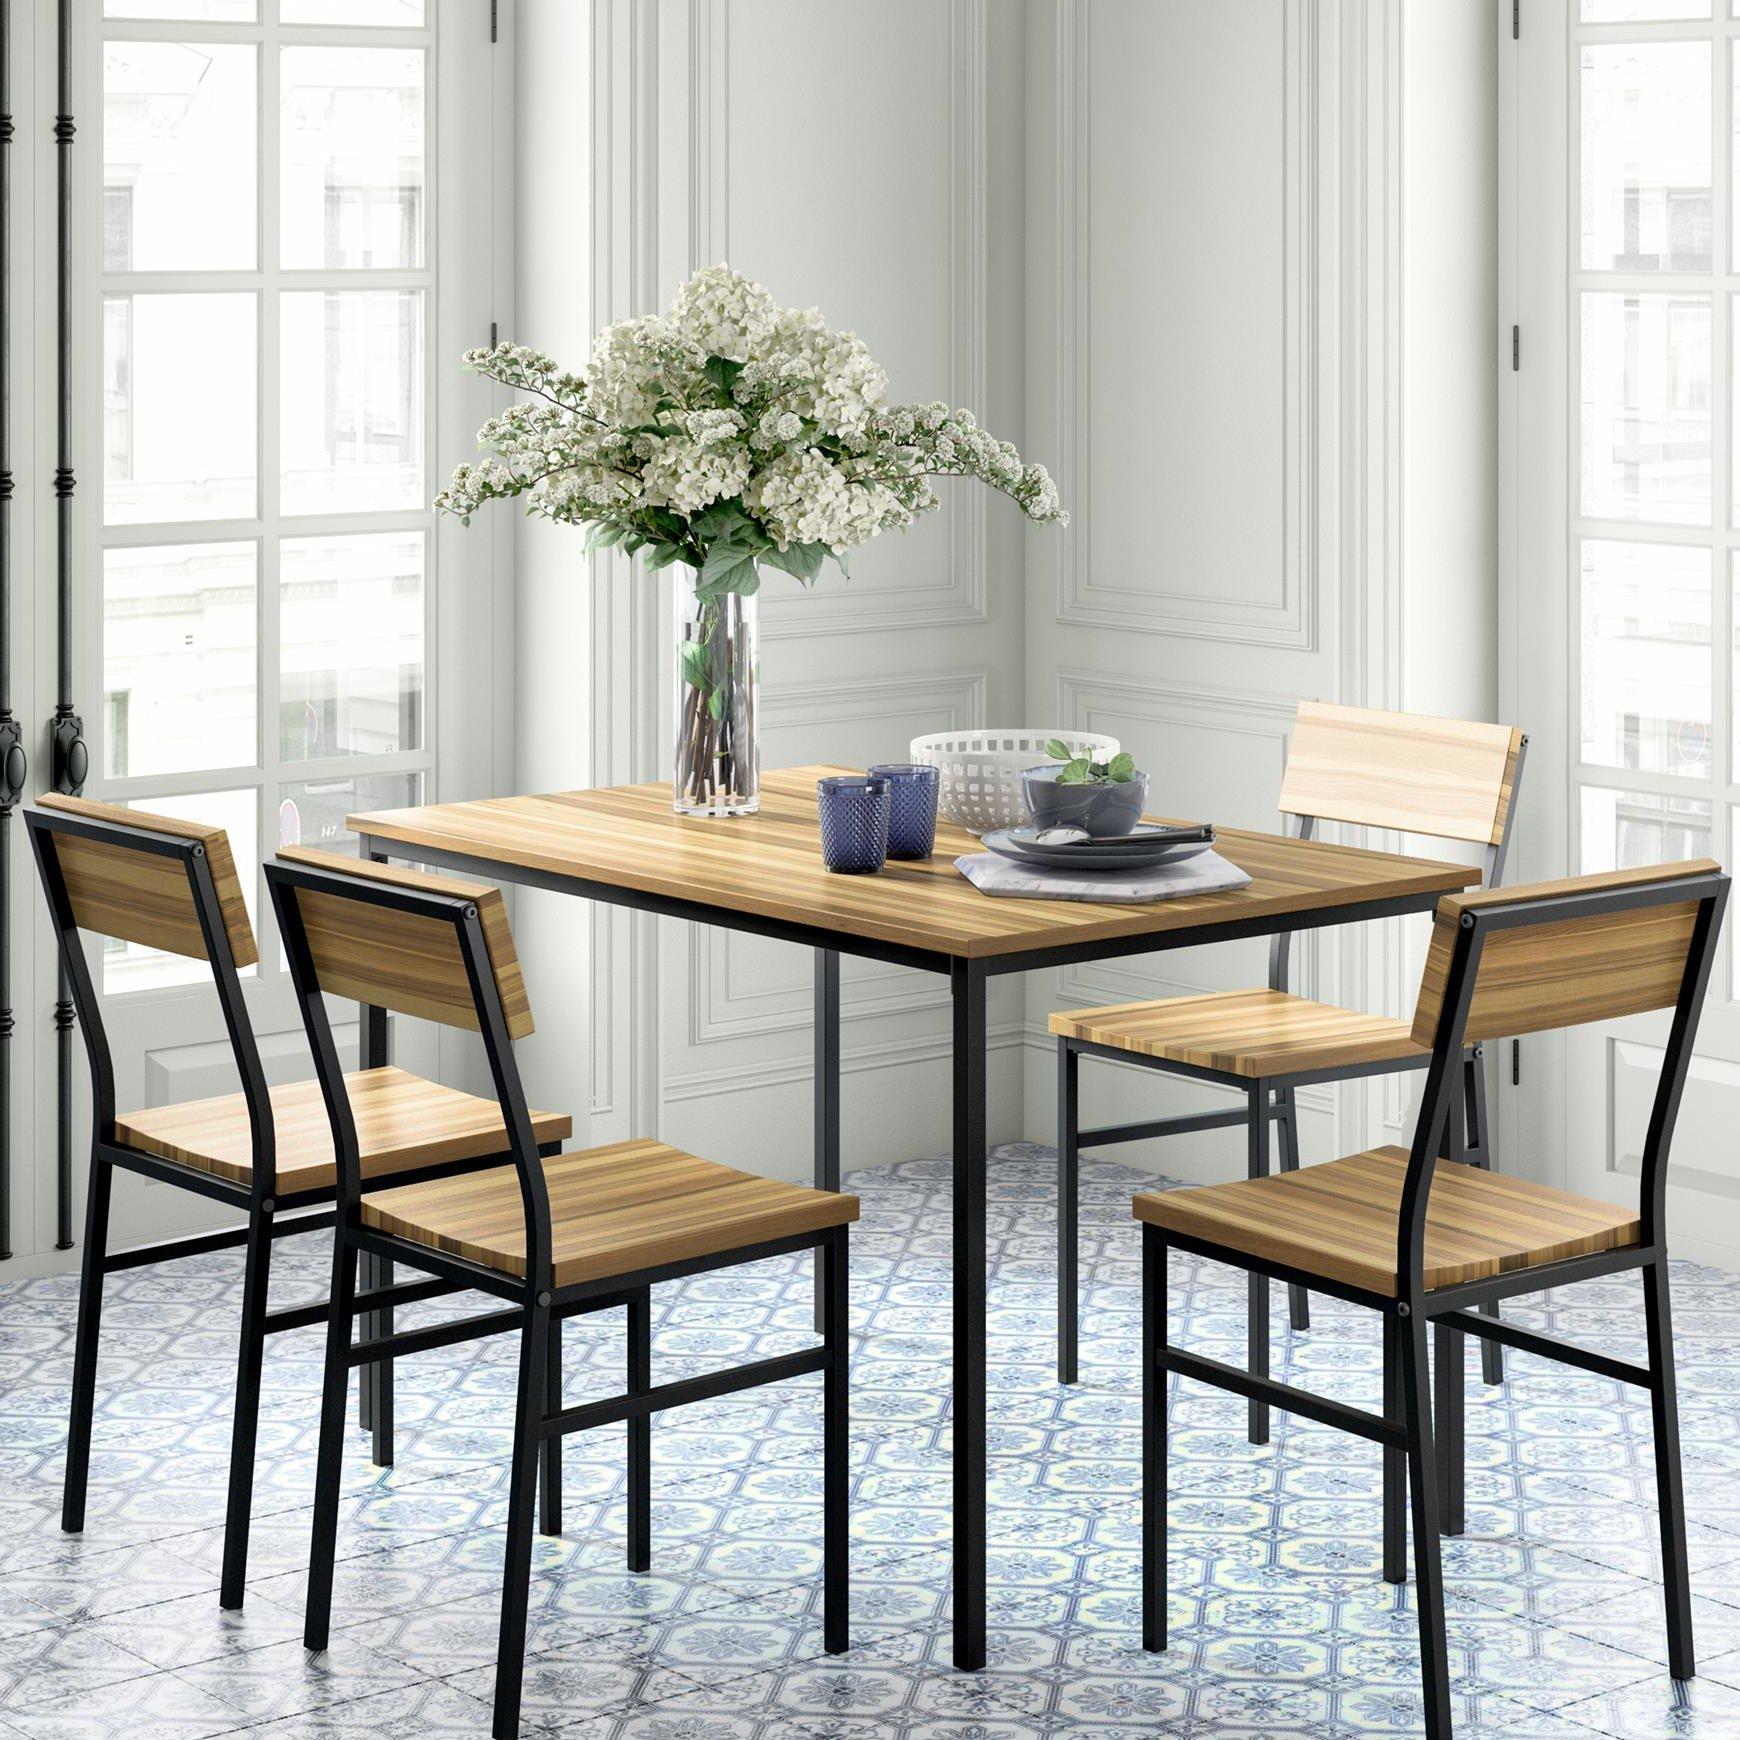 Novogratz Linden 5 Piece Dining Set | Wayfair (View 12 of 20)